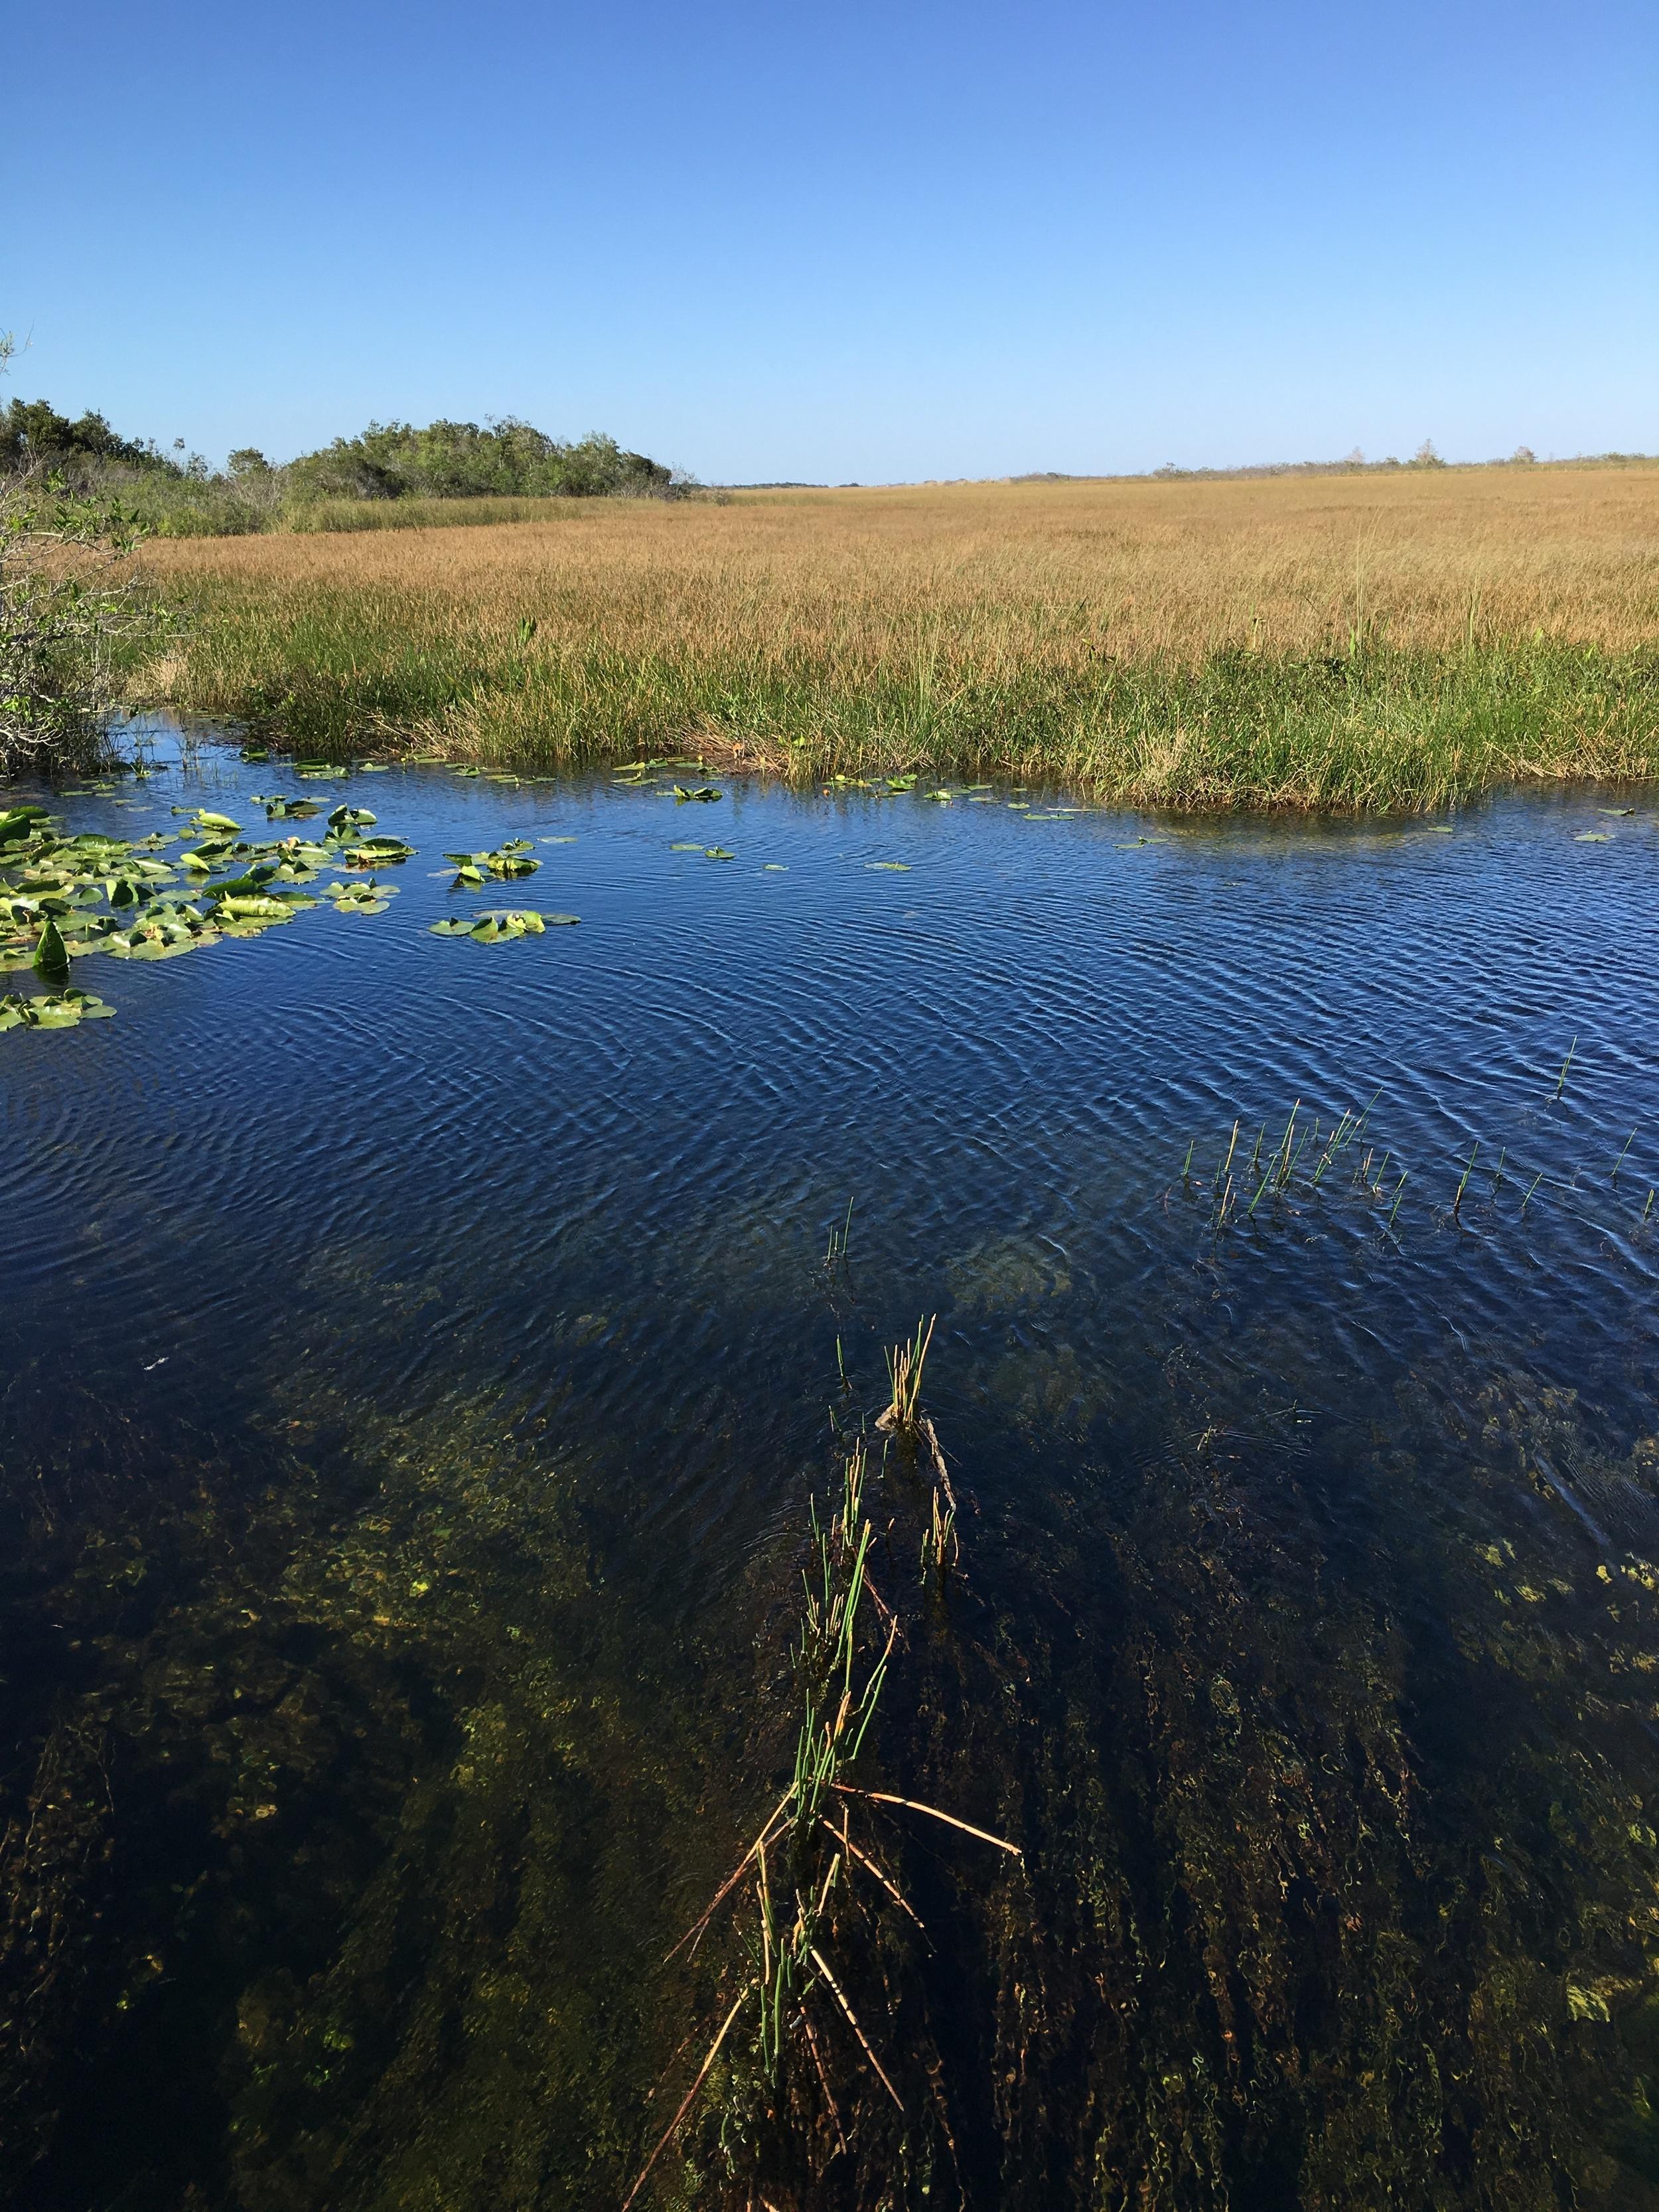 Sawgrass prairie, photo by Derek Wright.